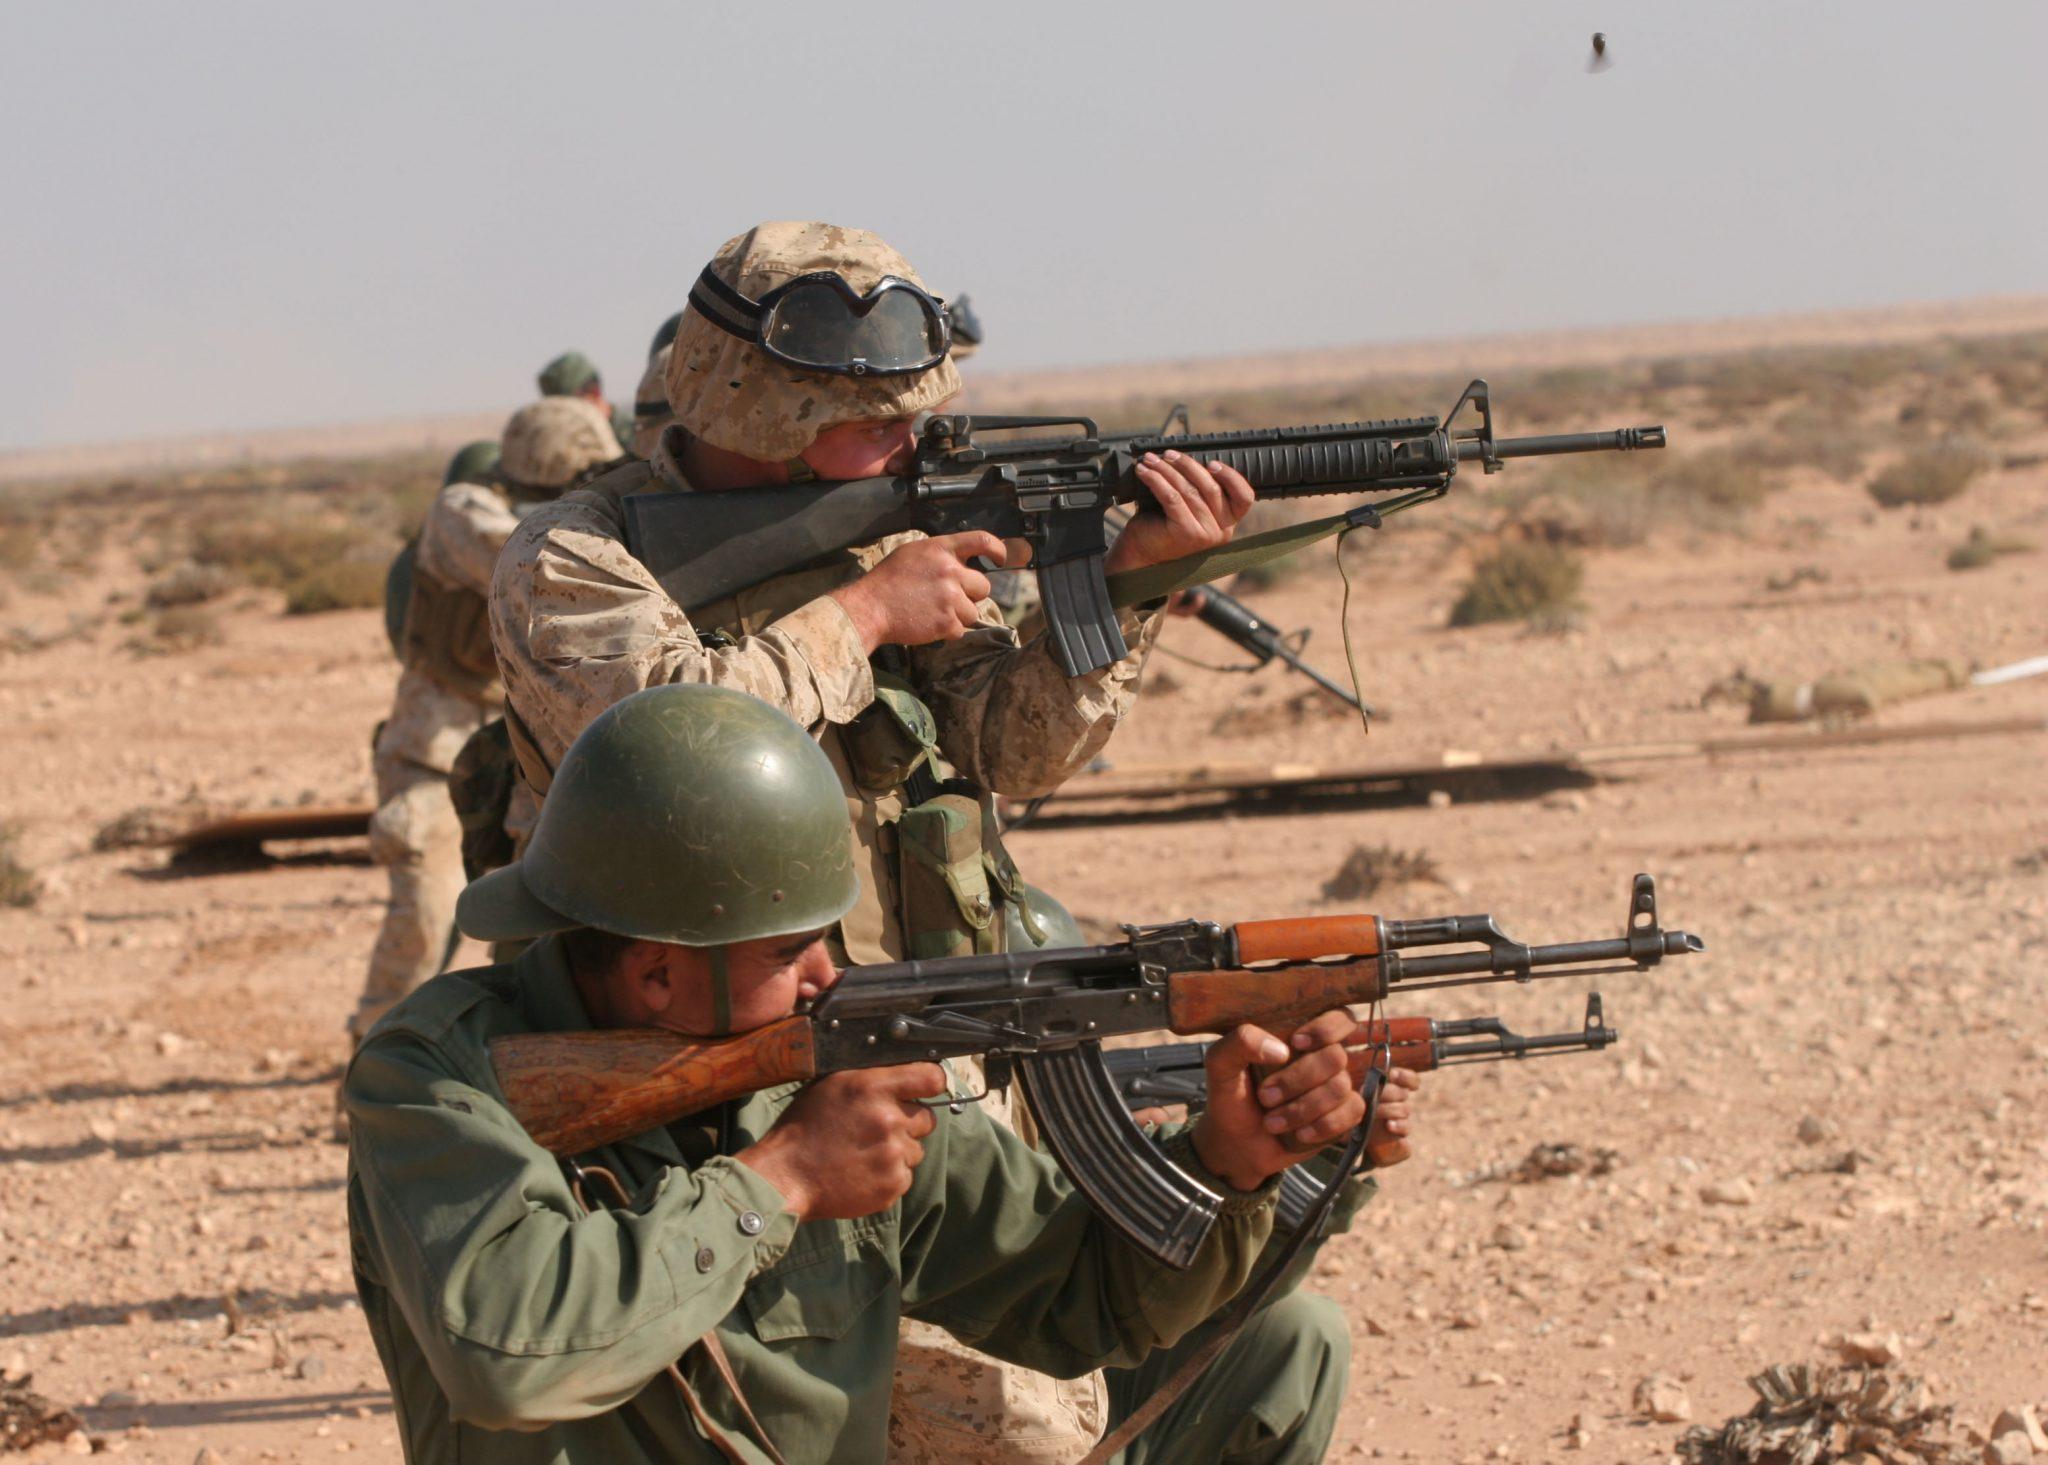 صورة بعد الهزيمة.. تنظيم الدولة سيلجأ لحرب العصابات.. وأيديولوجيته لم تنكسر